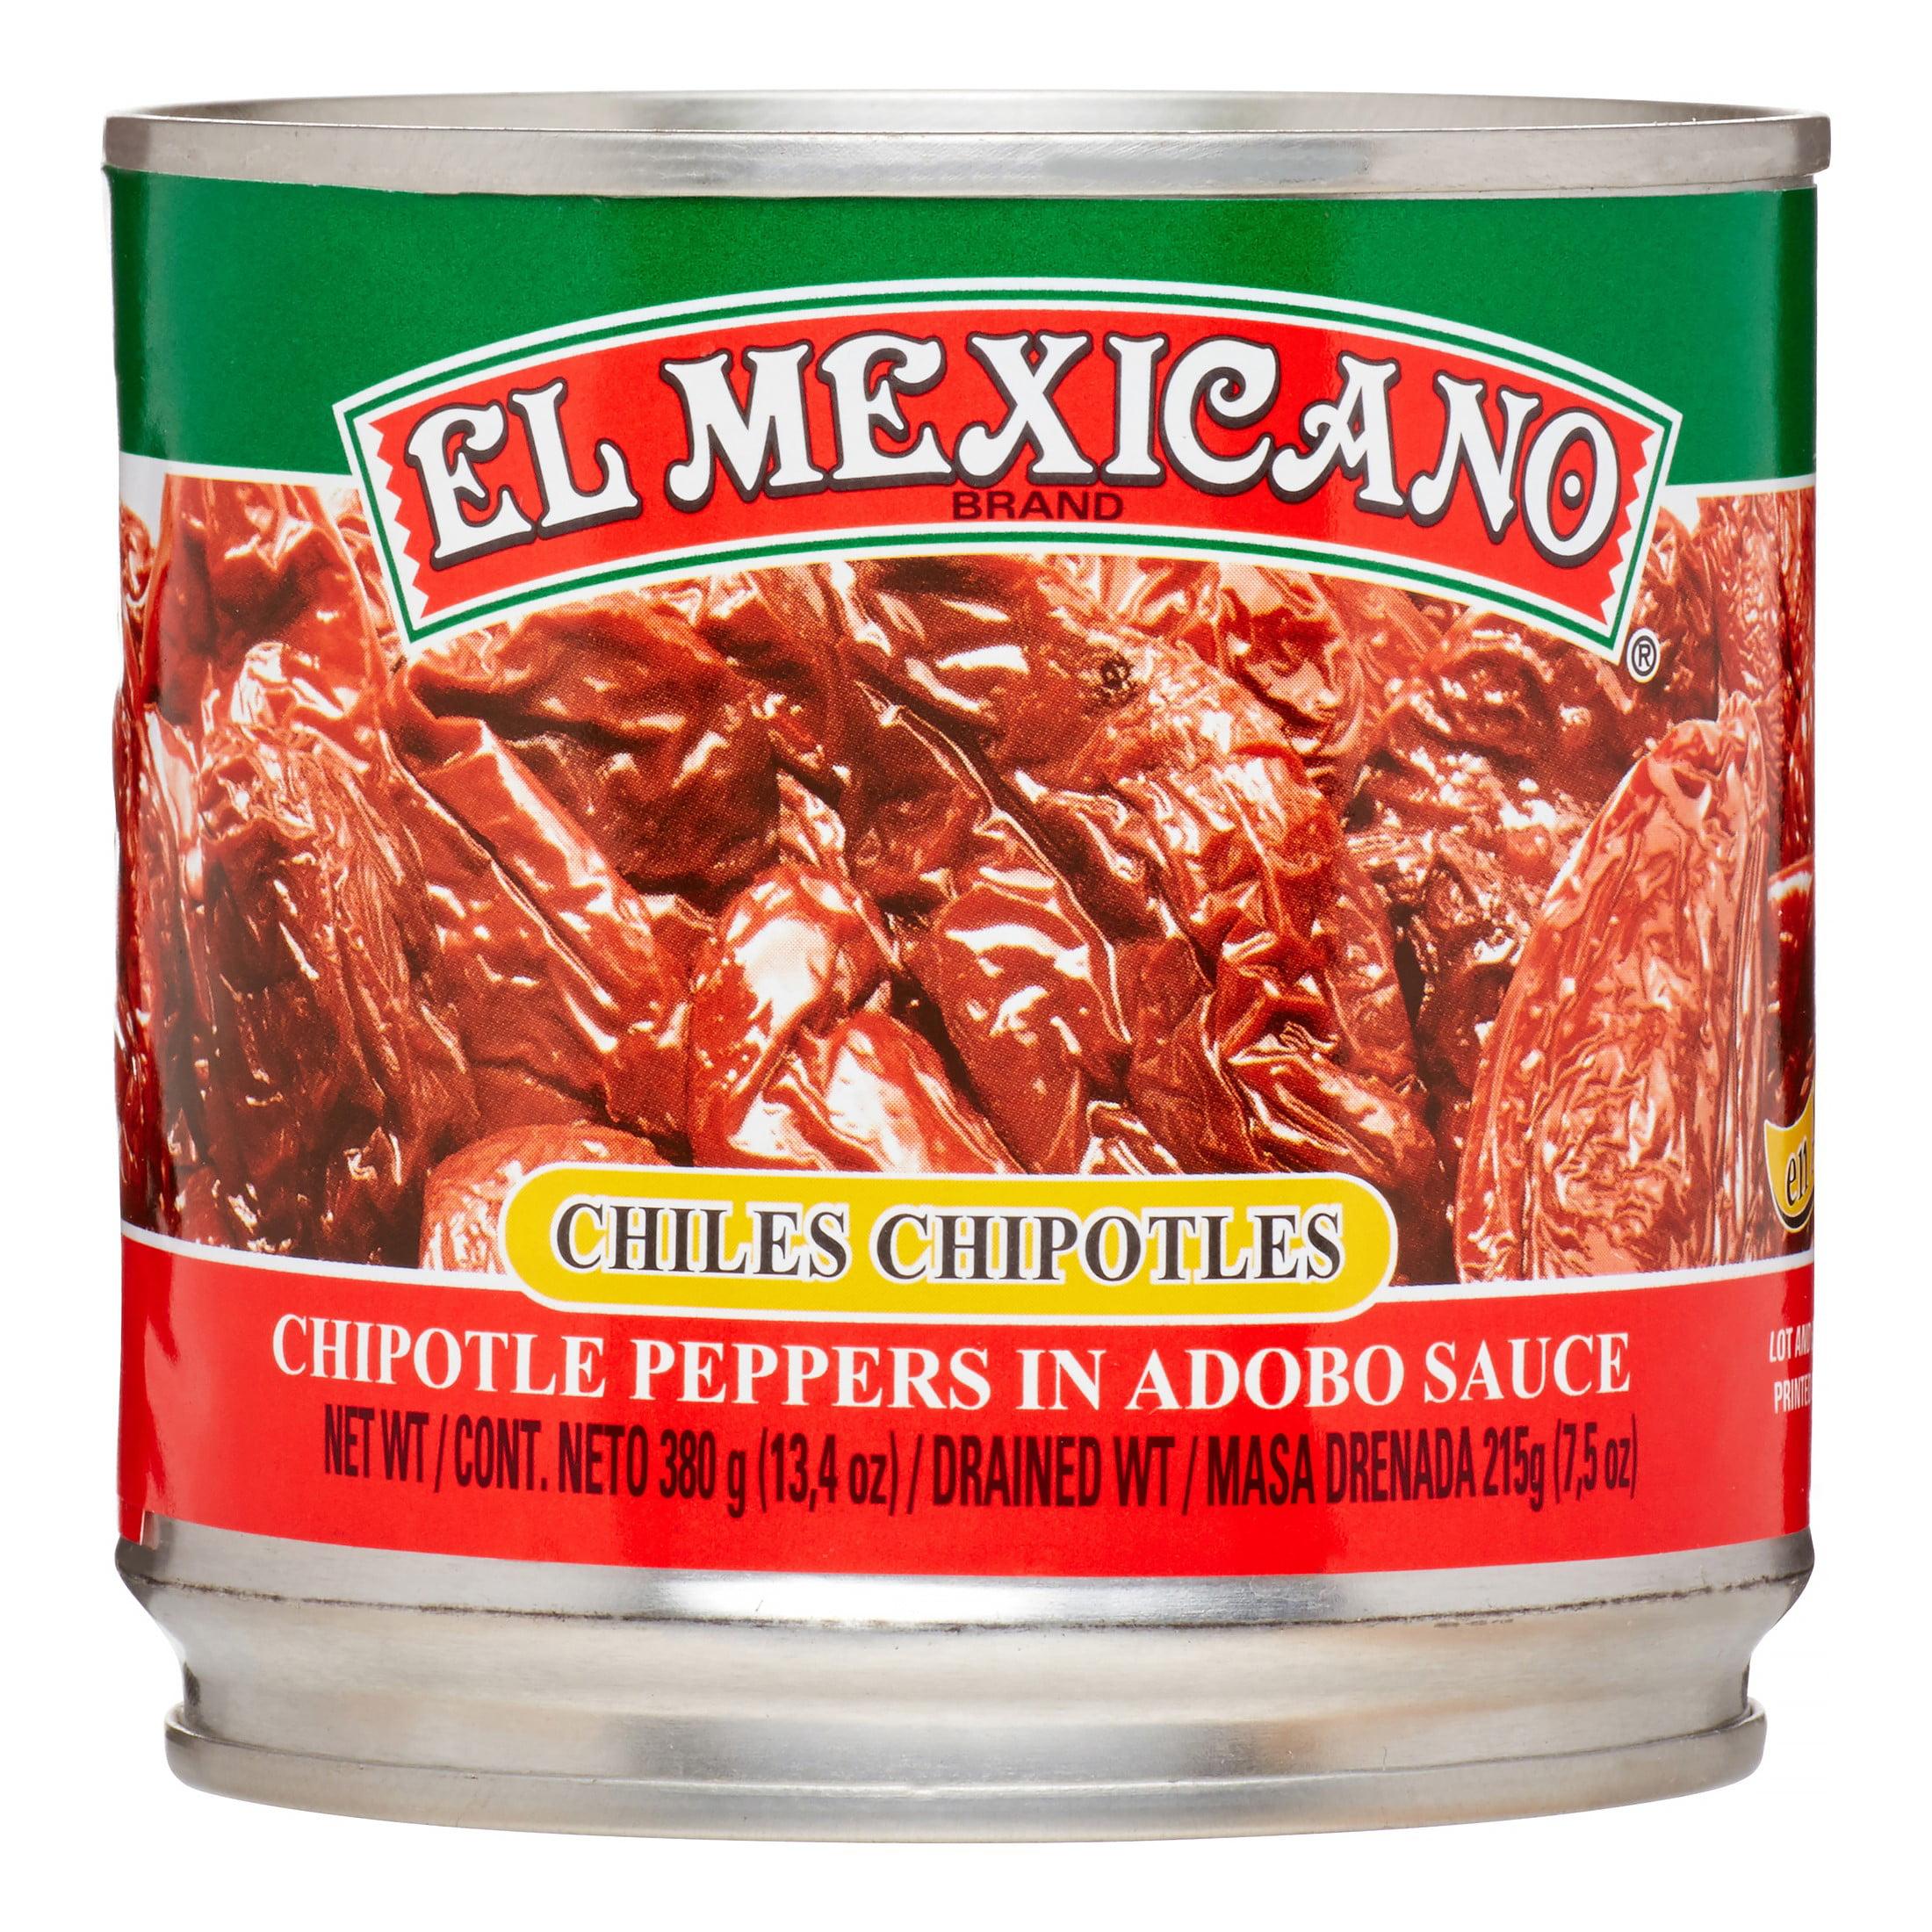 El Mexicano, Chipotle Pepper, 13.4 oz by El Mexicano